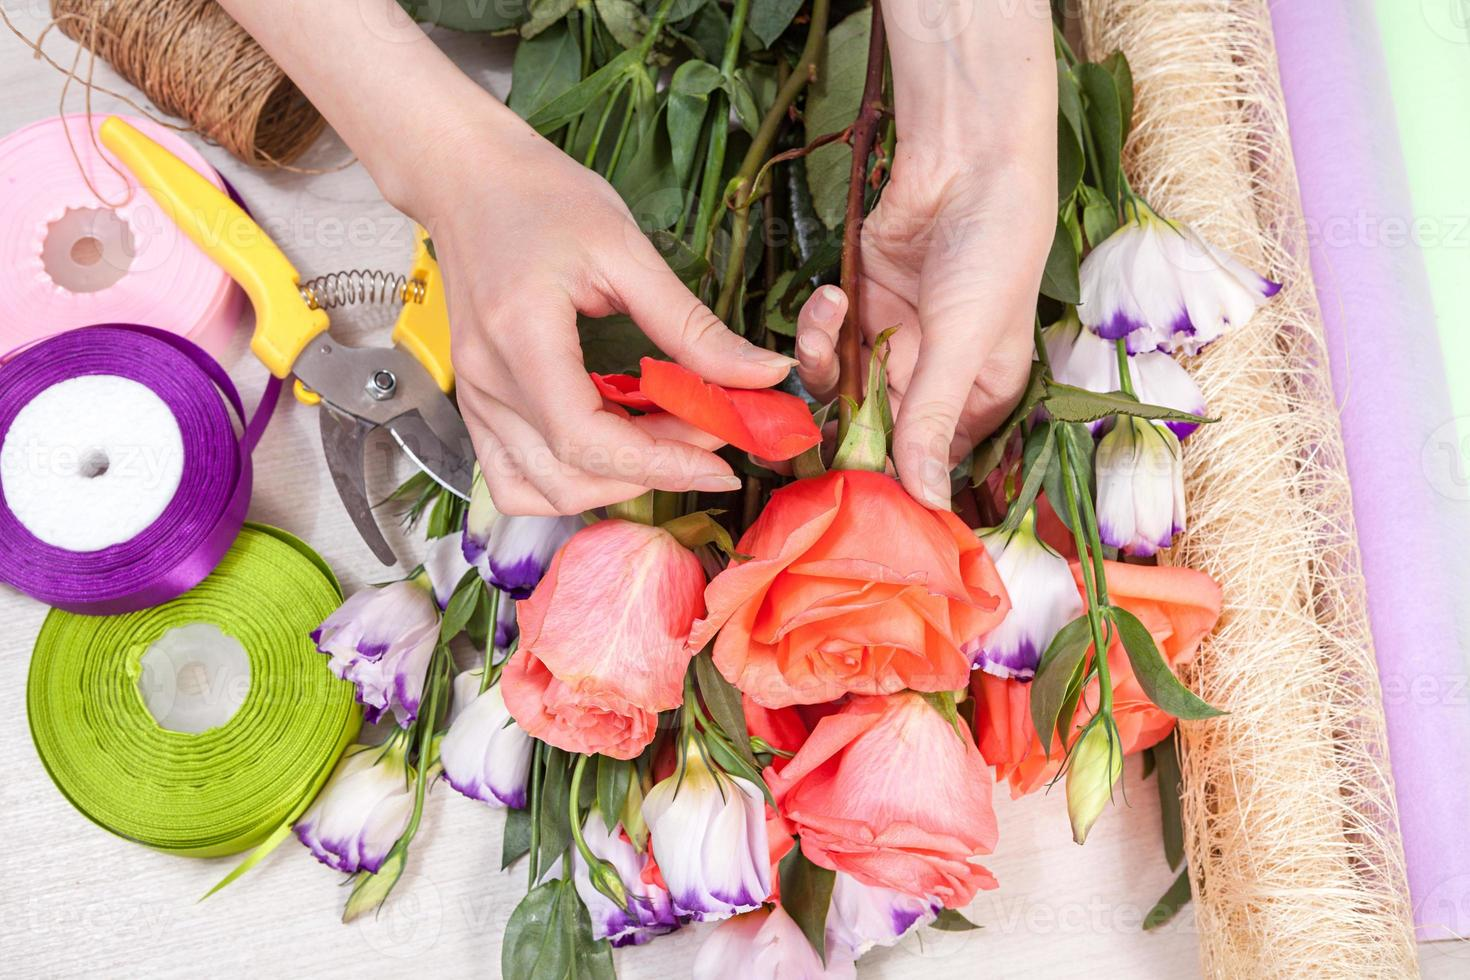 fleuriste au travail avec des fleurs photo